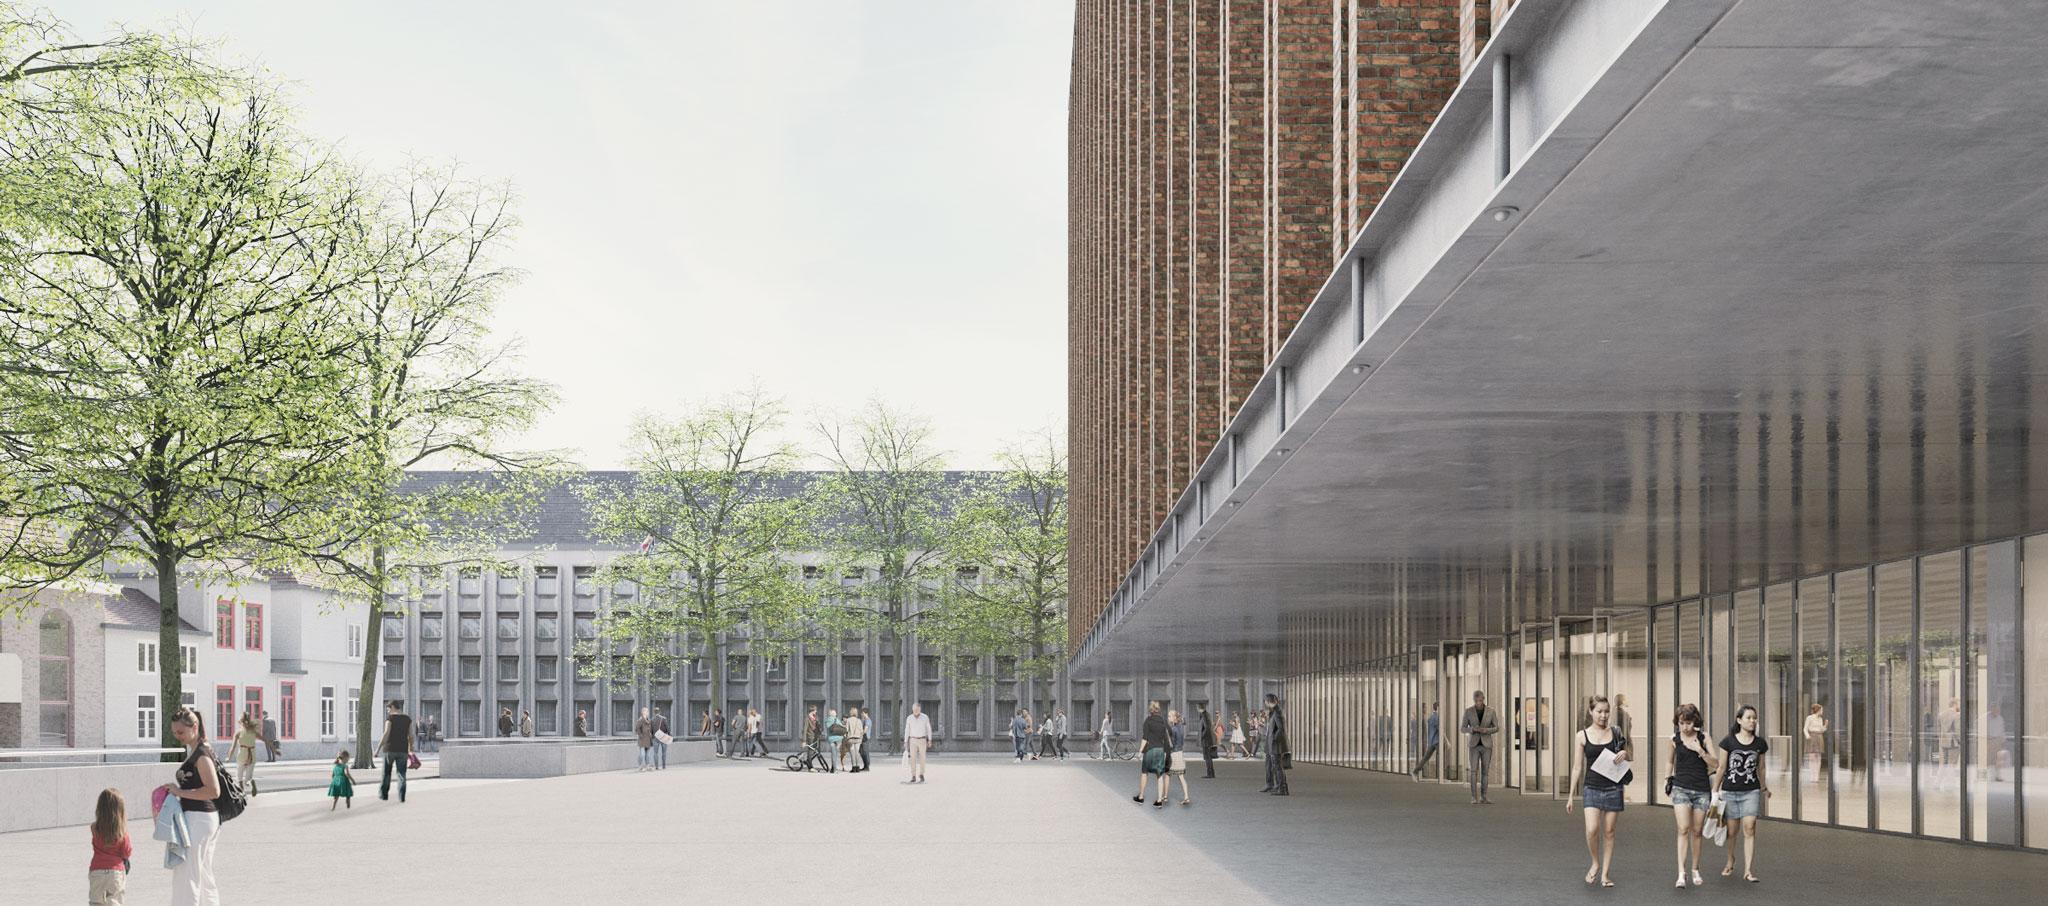 Nuevo Beursplein & Congresgebouw Brugge por Eduardo Souto de Moura en colaboración con Meta Architectuurbureau. Imagen © infunctievan